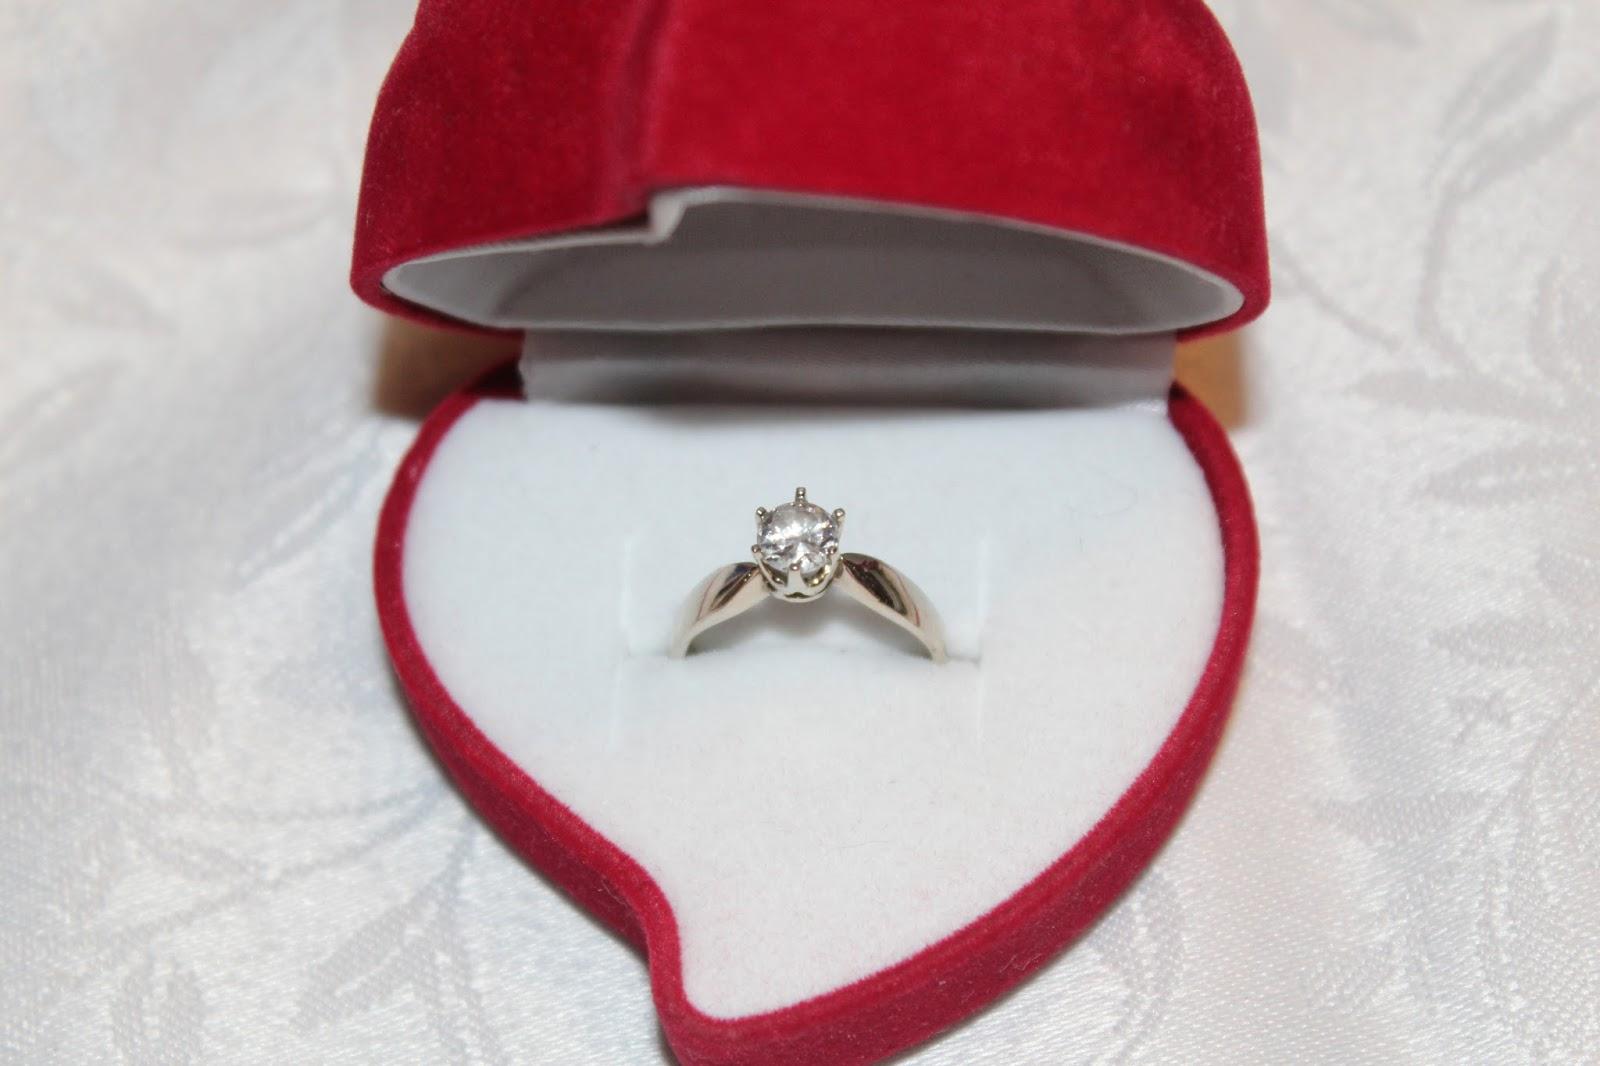 Zaręczyny A Pierścionek Zaręczynowy Co Właściwie Oznacza Jaki